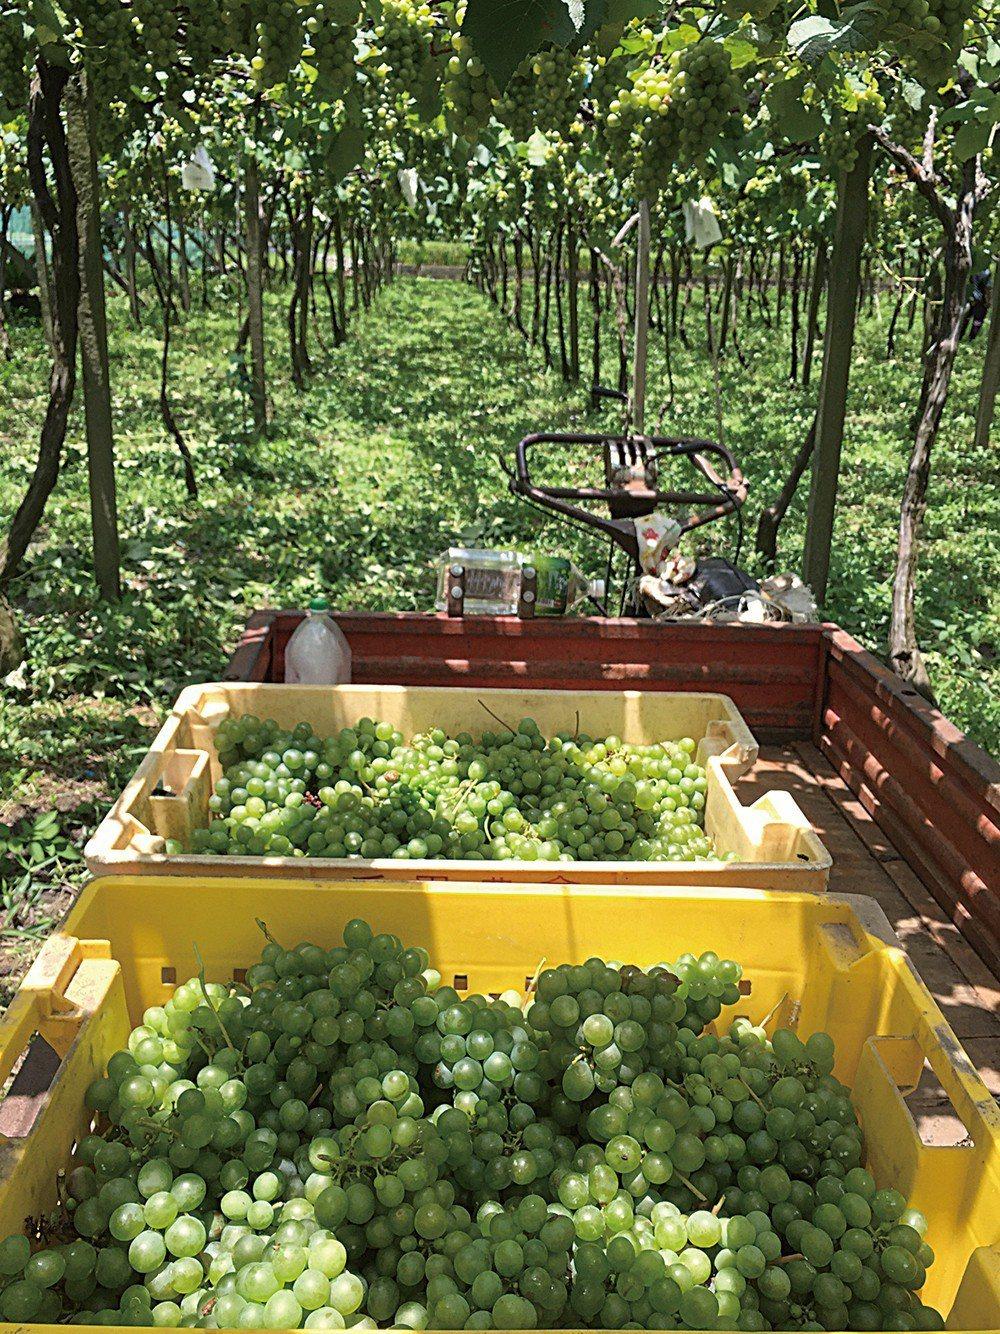 威石東契作的金香葡萄園,為了確保葡萄生長品質,採用手工疏葉、夜間摘採。 圖片提供...